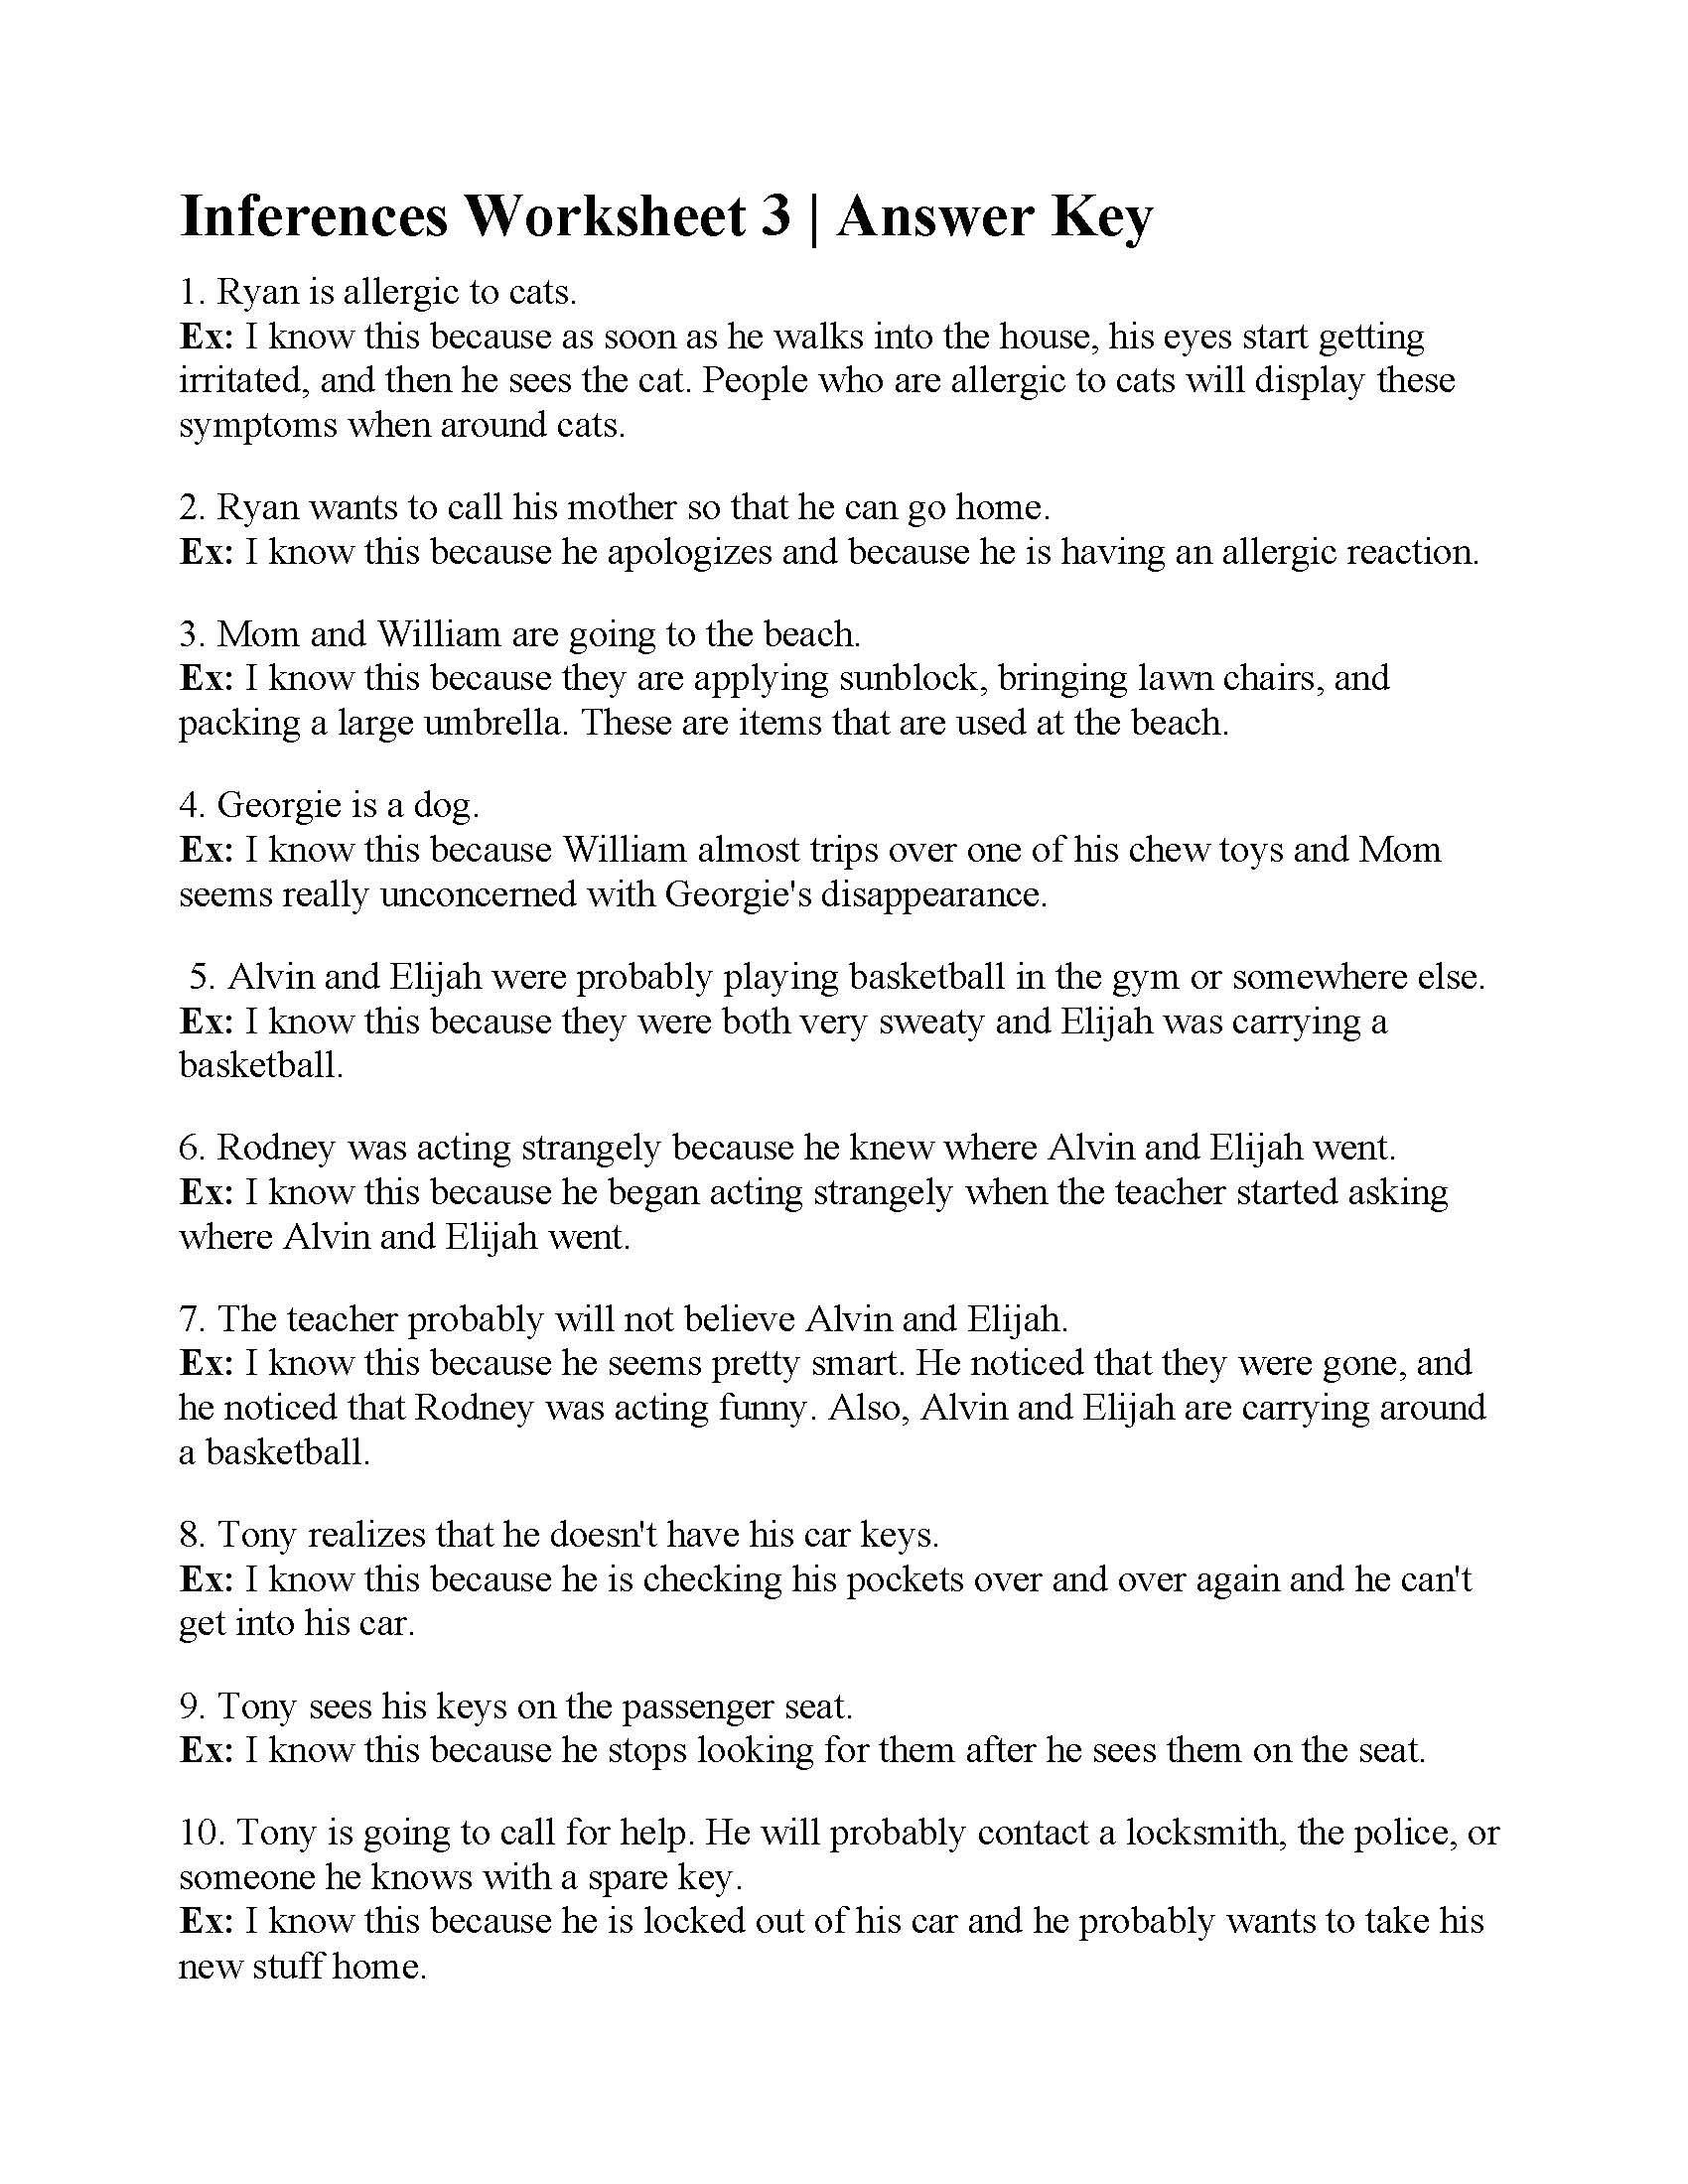 Inference Worksheets Grade 4 Inferences Worksheet 3